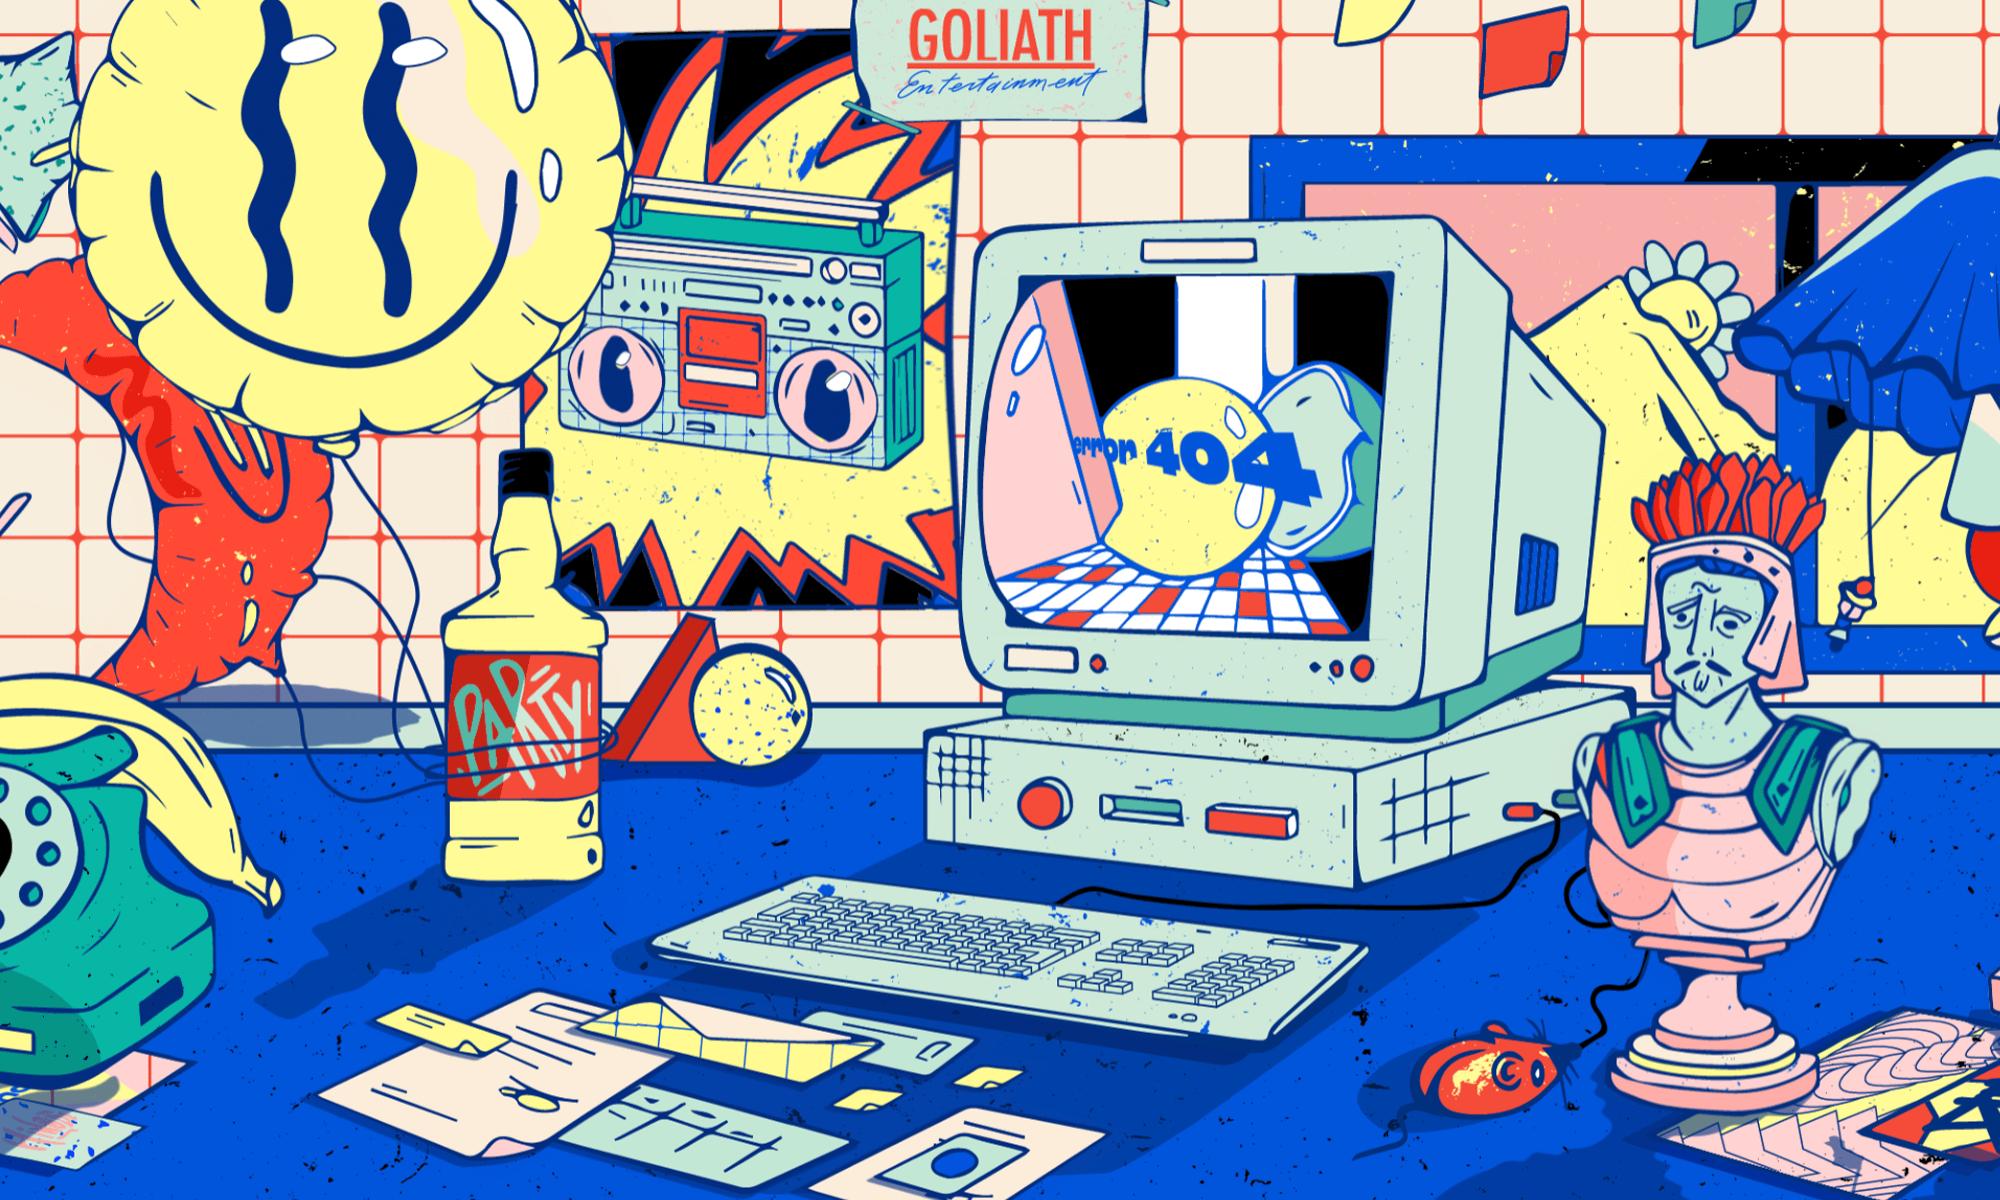 Goliath Entertainment